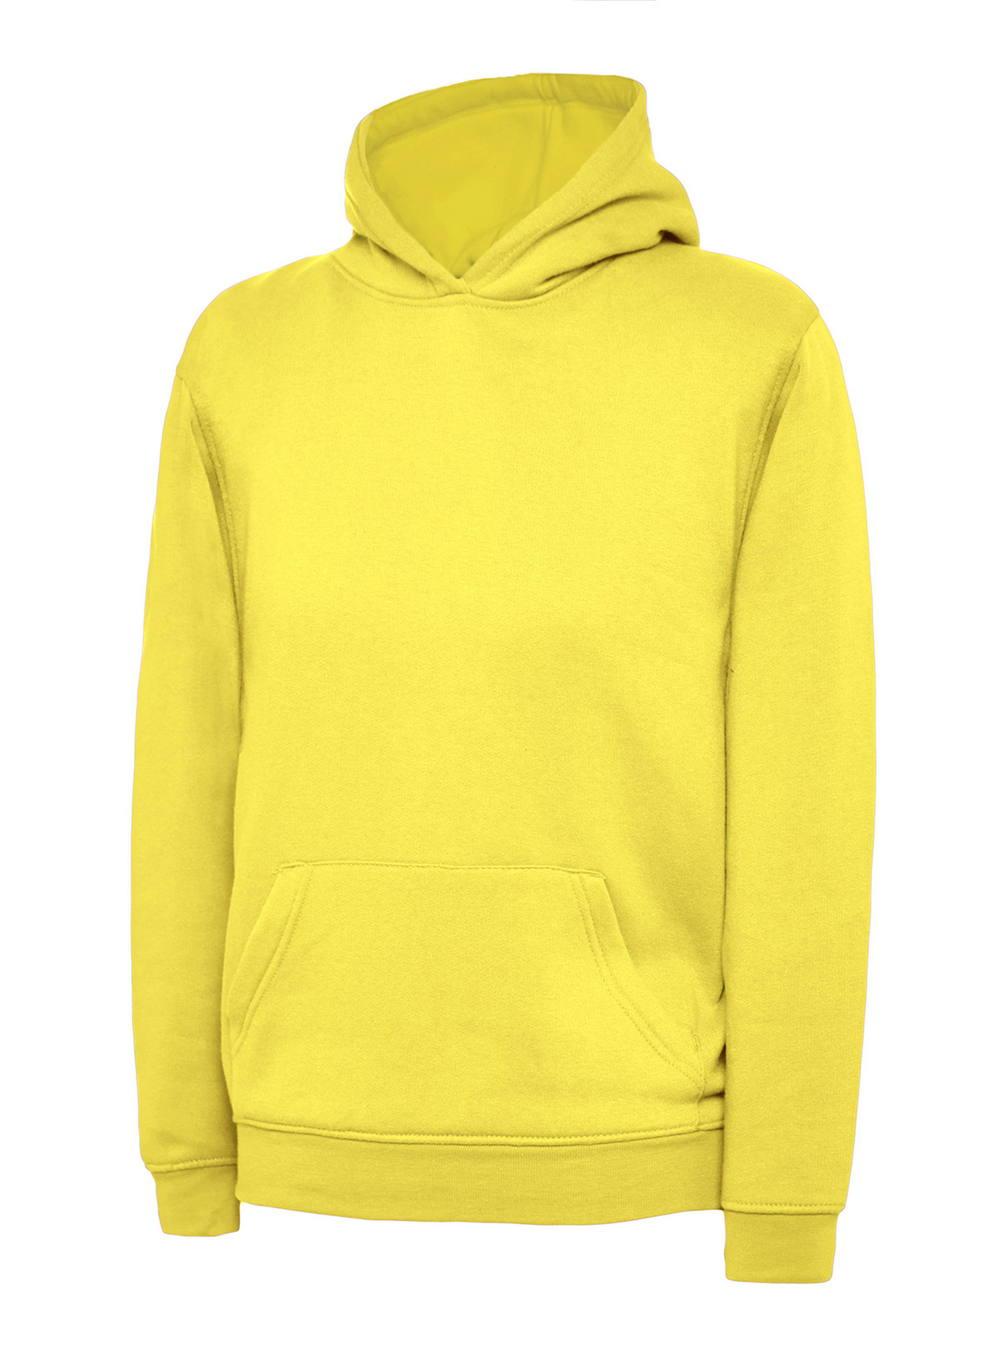 Uneek Childrens Hooded Sweatshirt